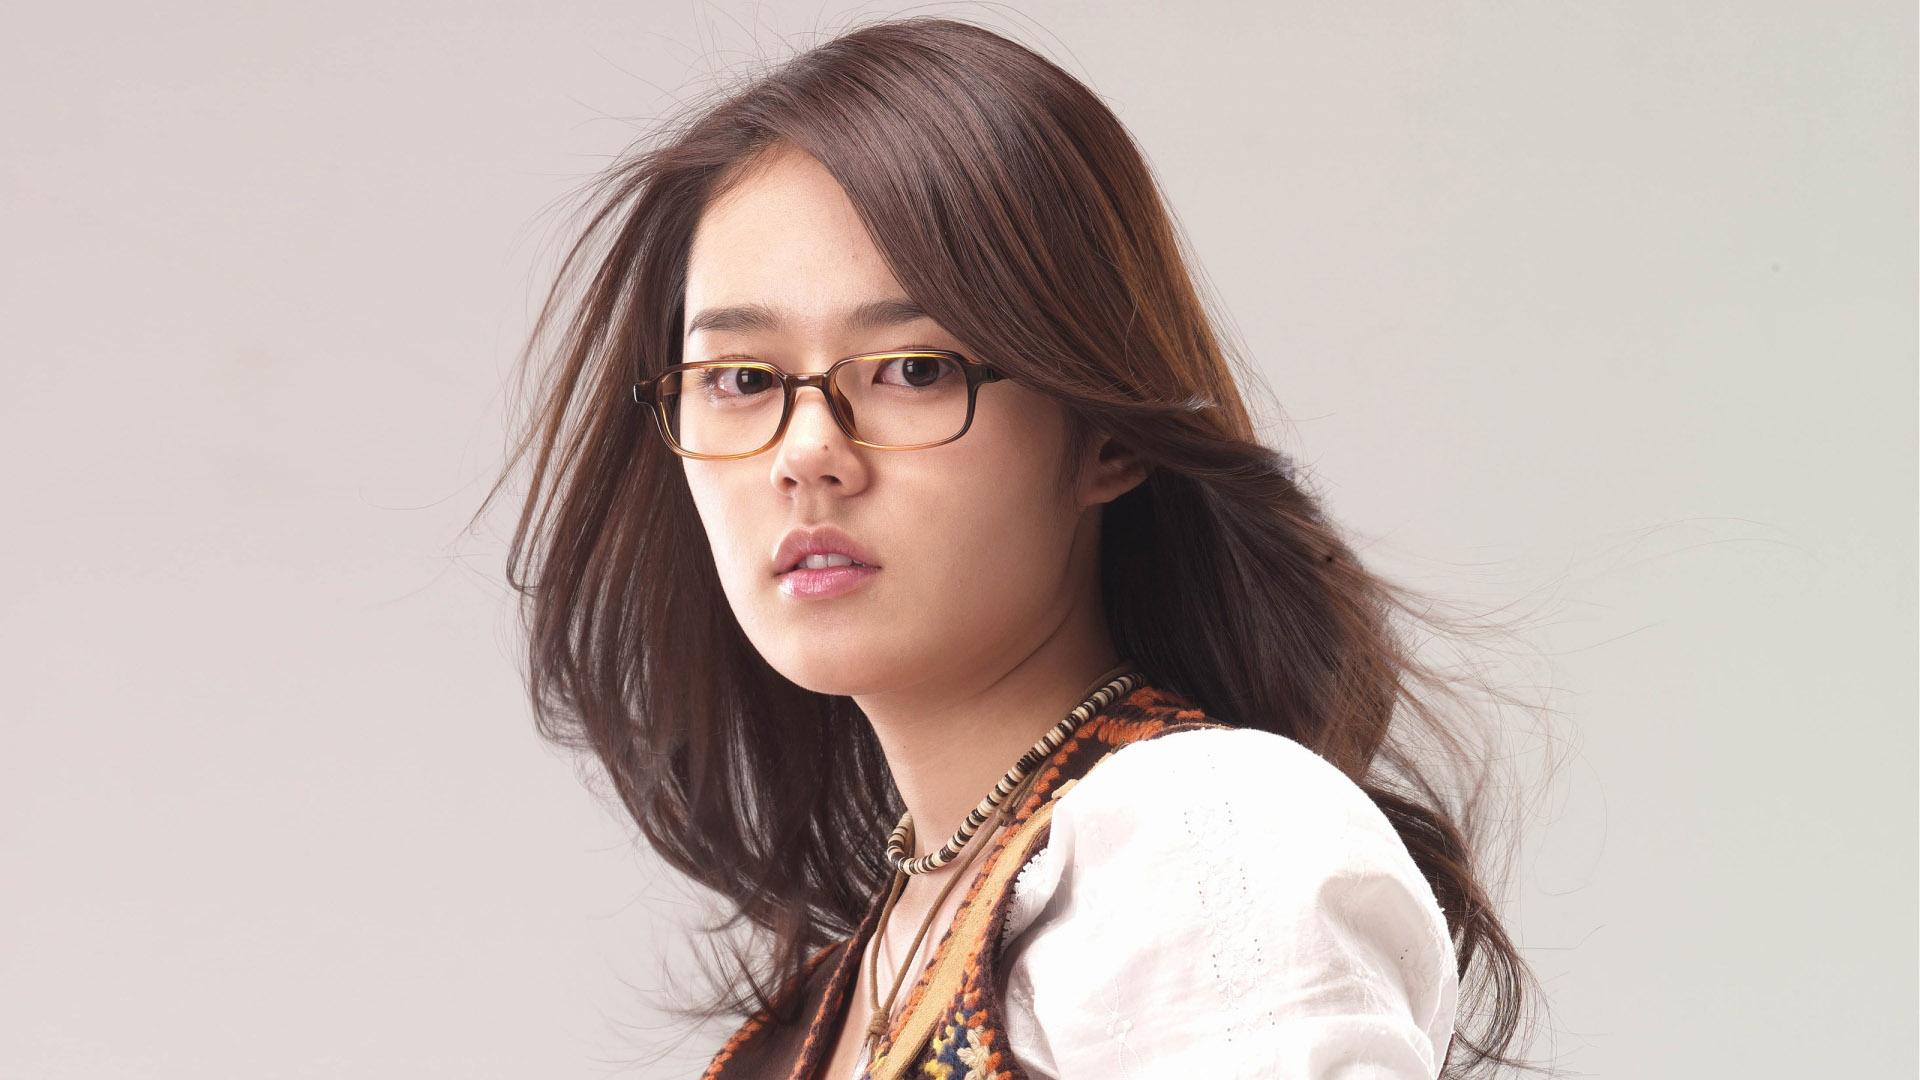 Beautiful Korean Girl Wallpaper Wallpapersafari